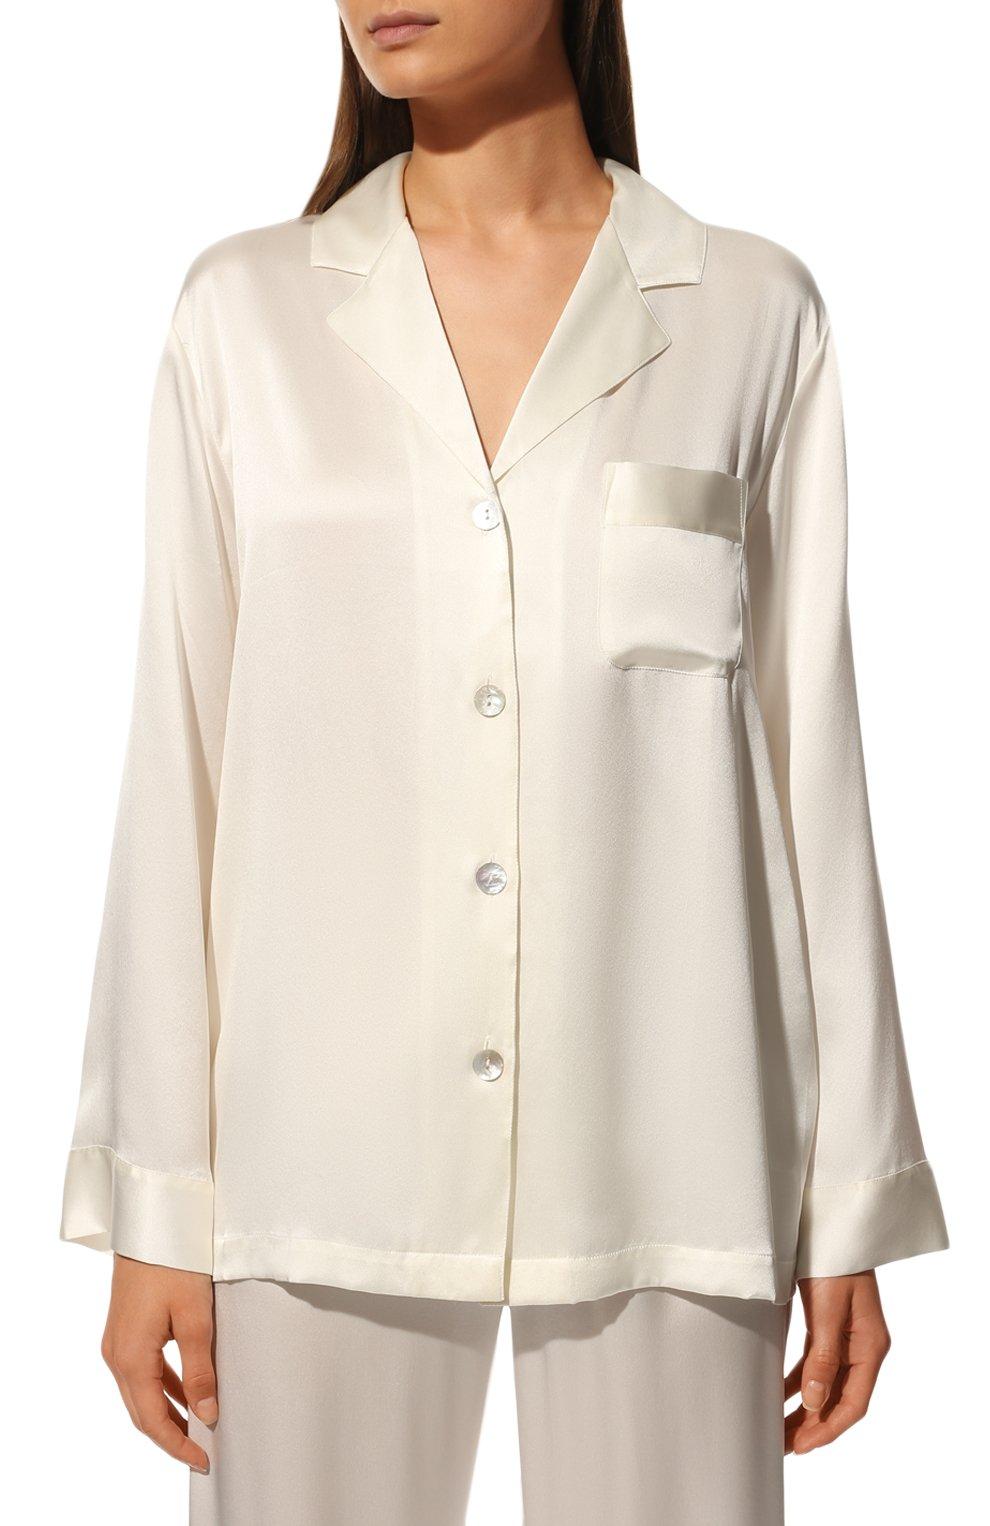 Женская шелковая пижама LUNA DI SETA белого цвета, арт. VLST08007 | Фото 3 (Материал внешний: Шелк; Рукава: Длинные; Длина Ж (юбки, платья, шорты): Мини; Длина (брюки, джинсы): Стандартные; Длина (для топов): Стандартные)